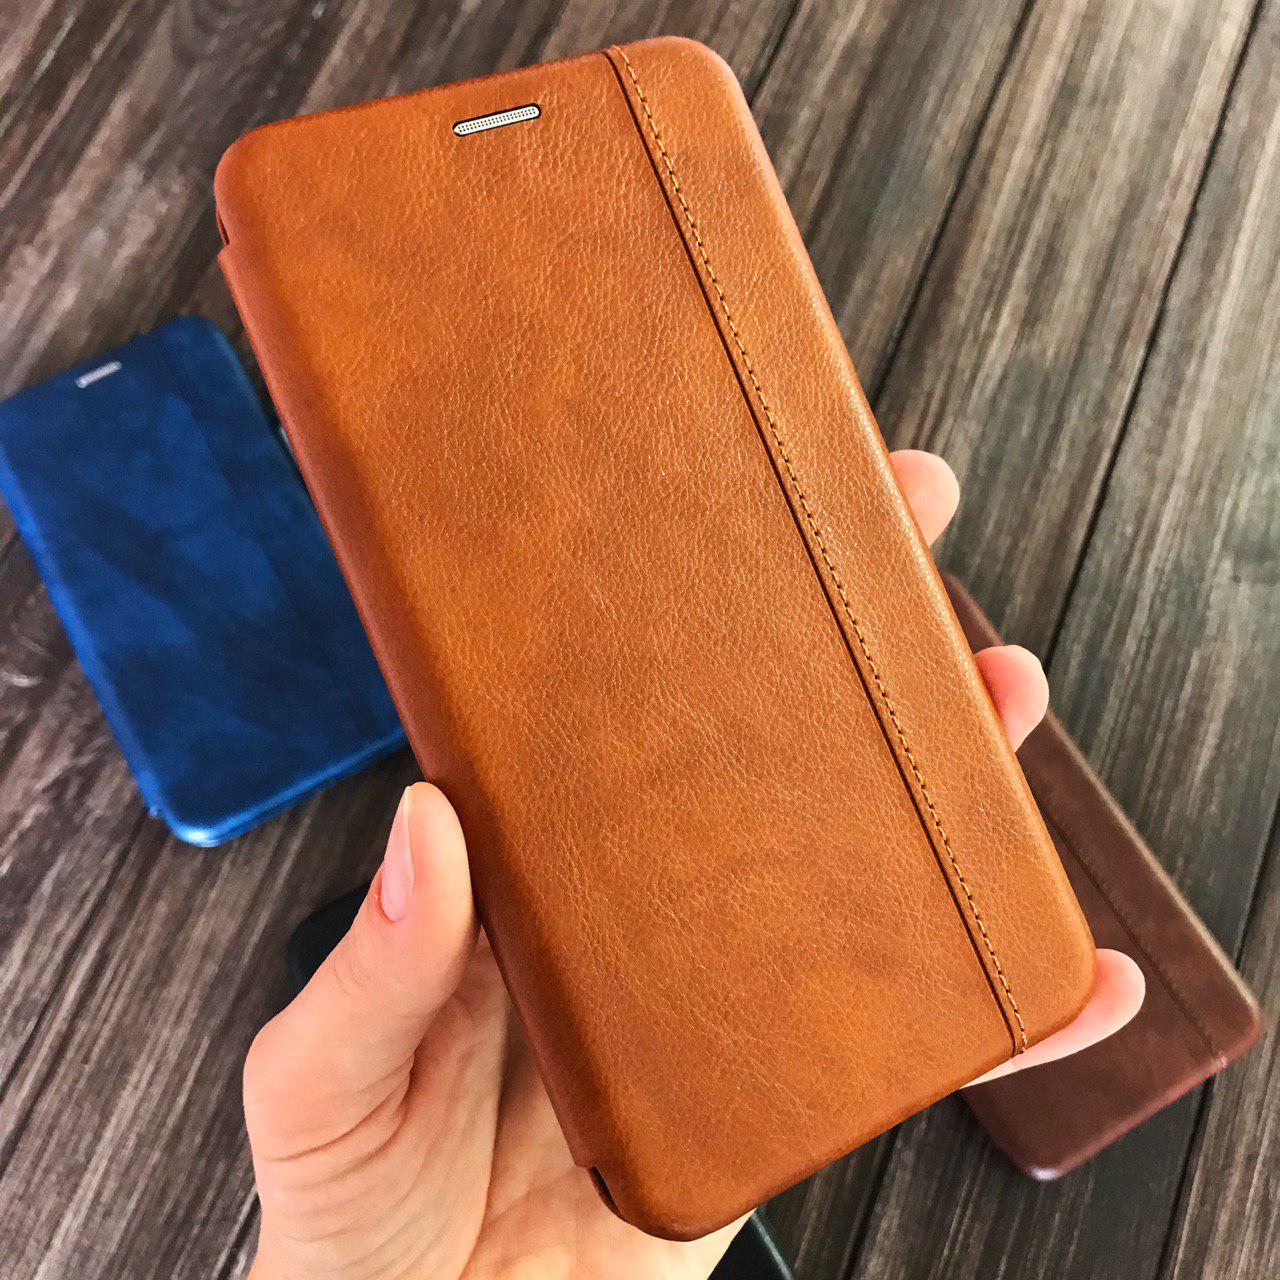 Чехол-книжка Line для Samsung A9 2018 (A920F) коричневая